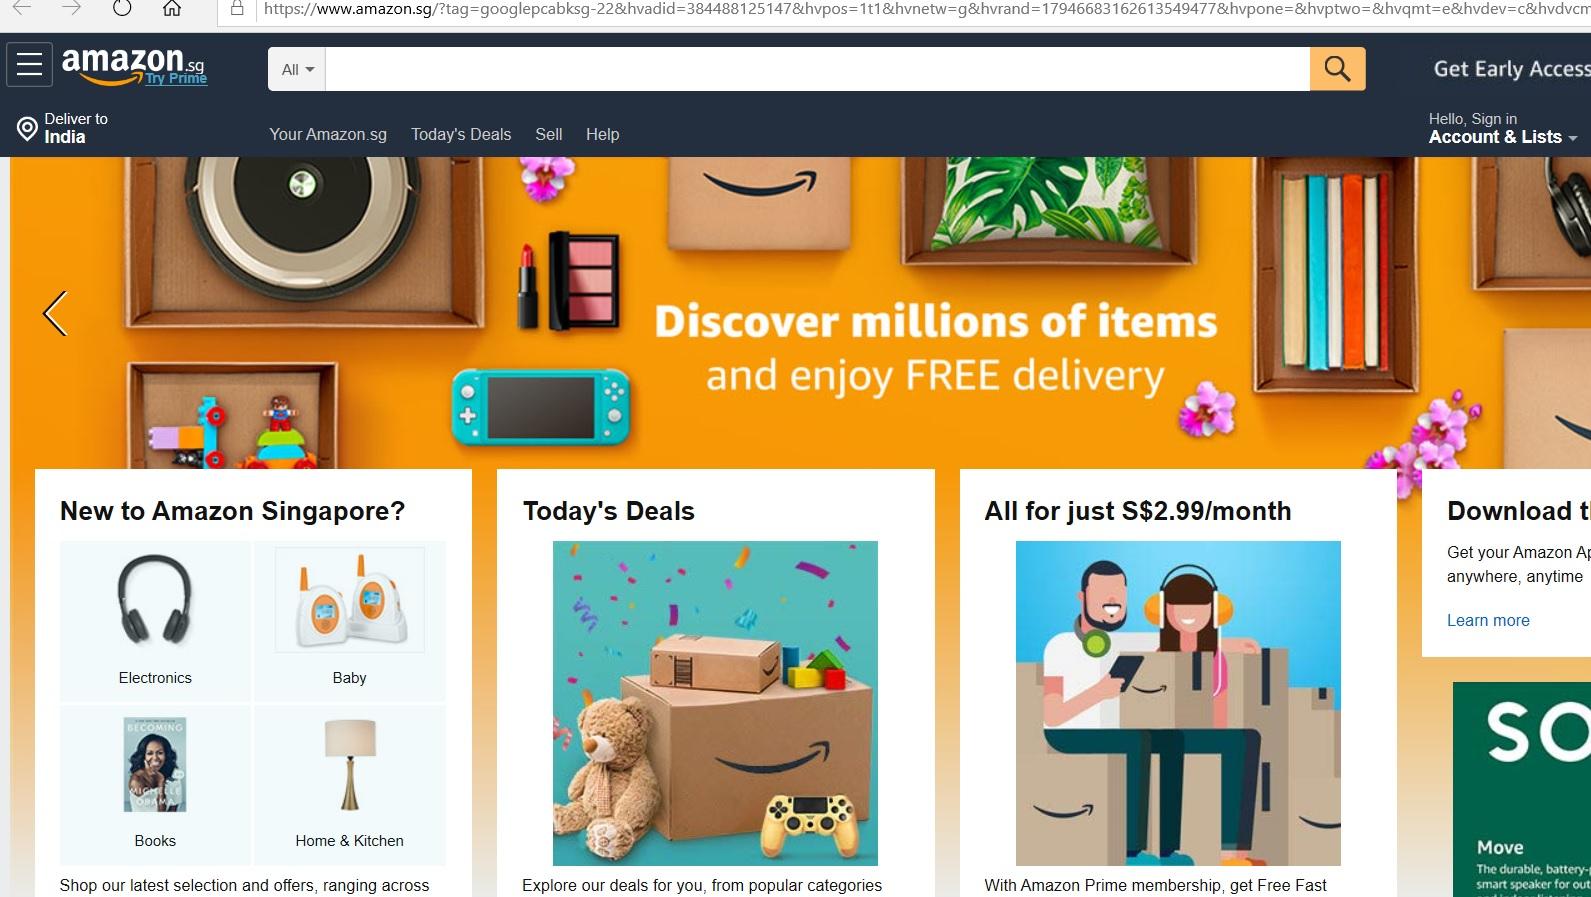 Amazon website homepage.